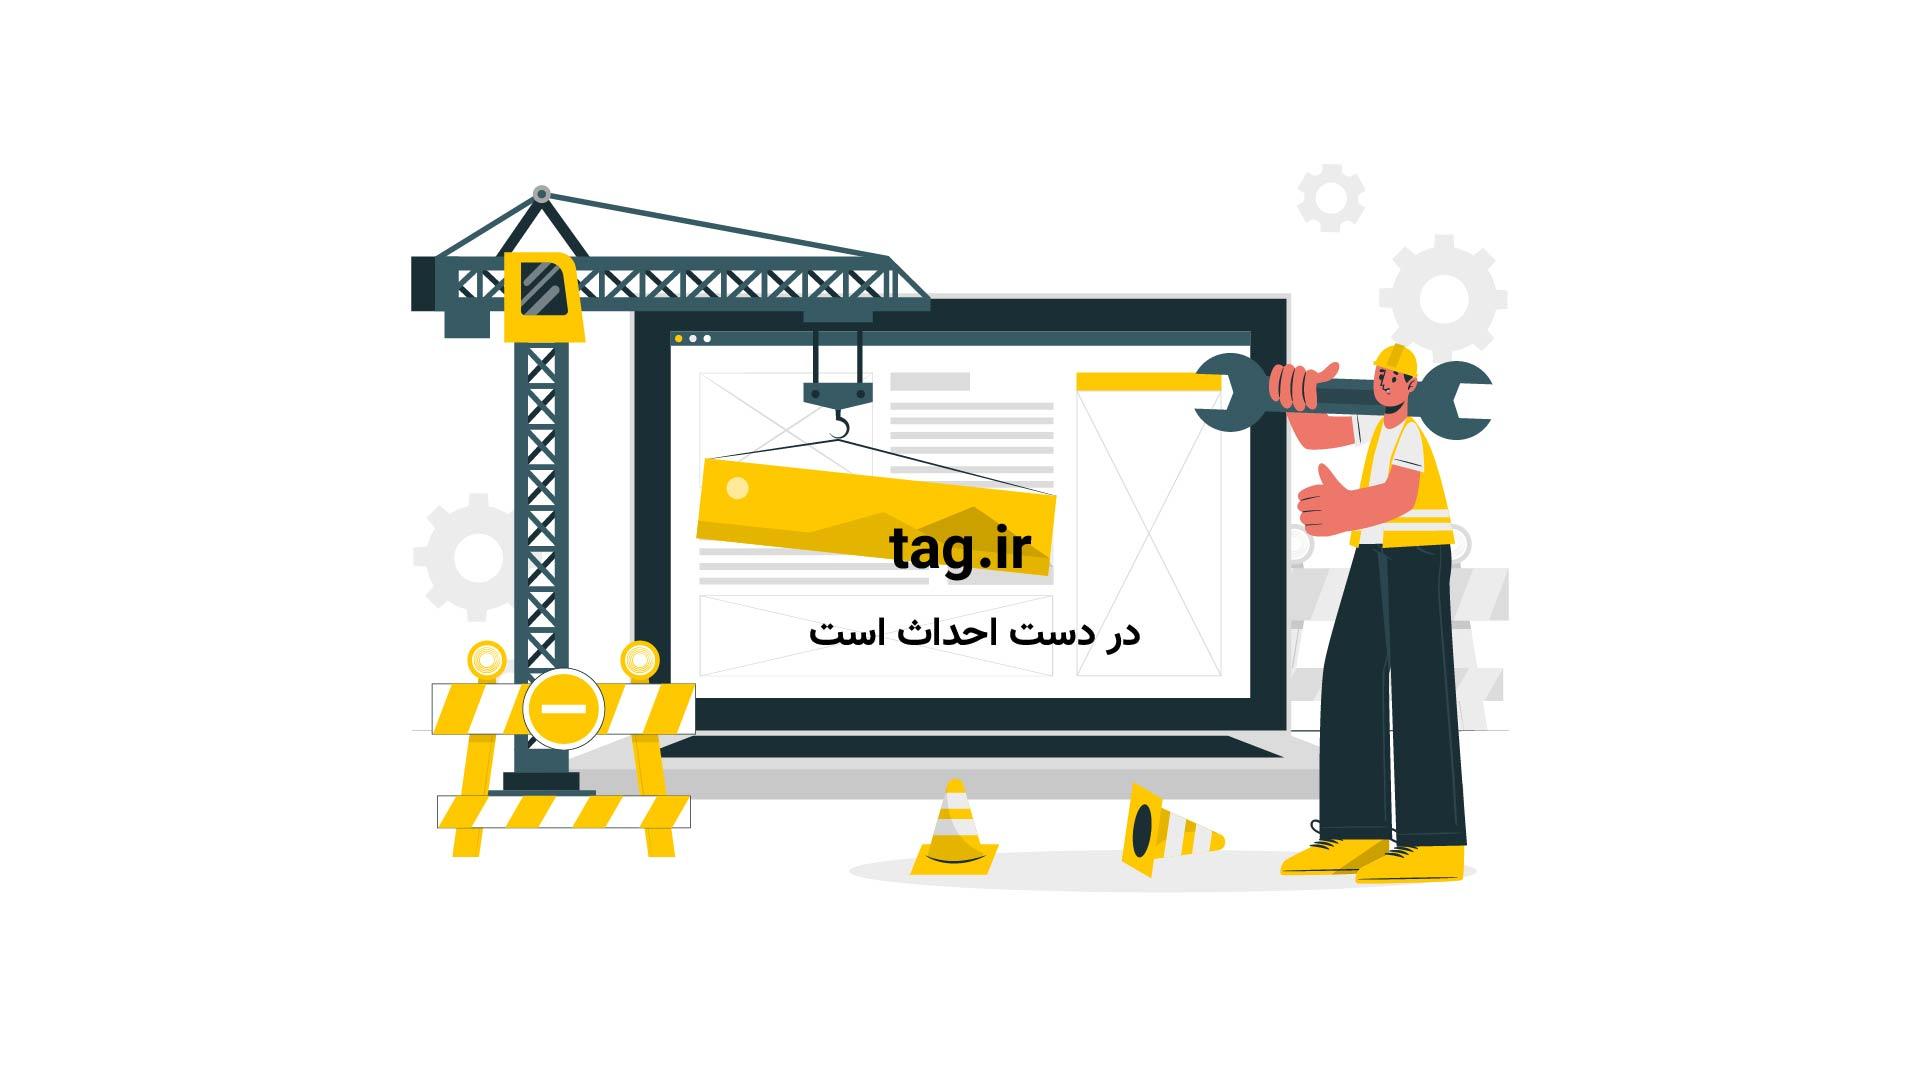 پیامدهای حضور ورزشکاران مشهور در فضای مجازی | فیلم